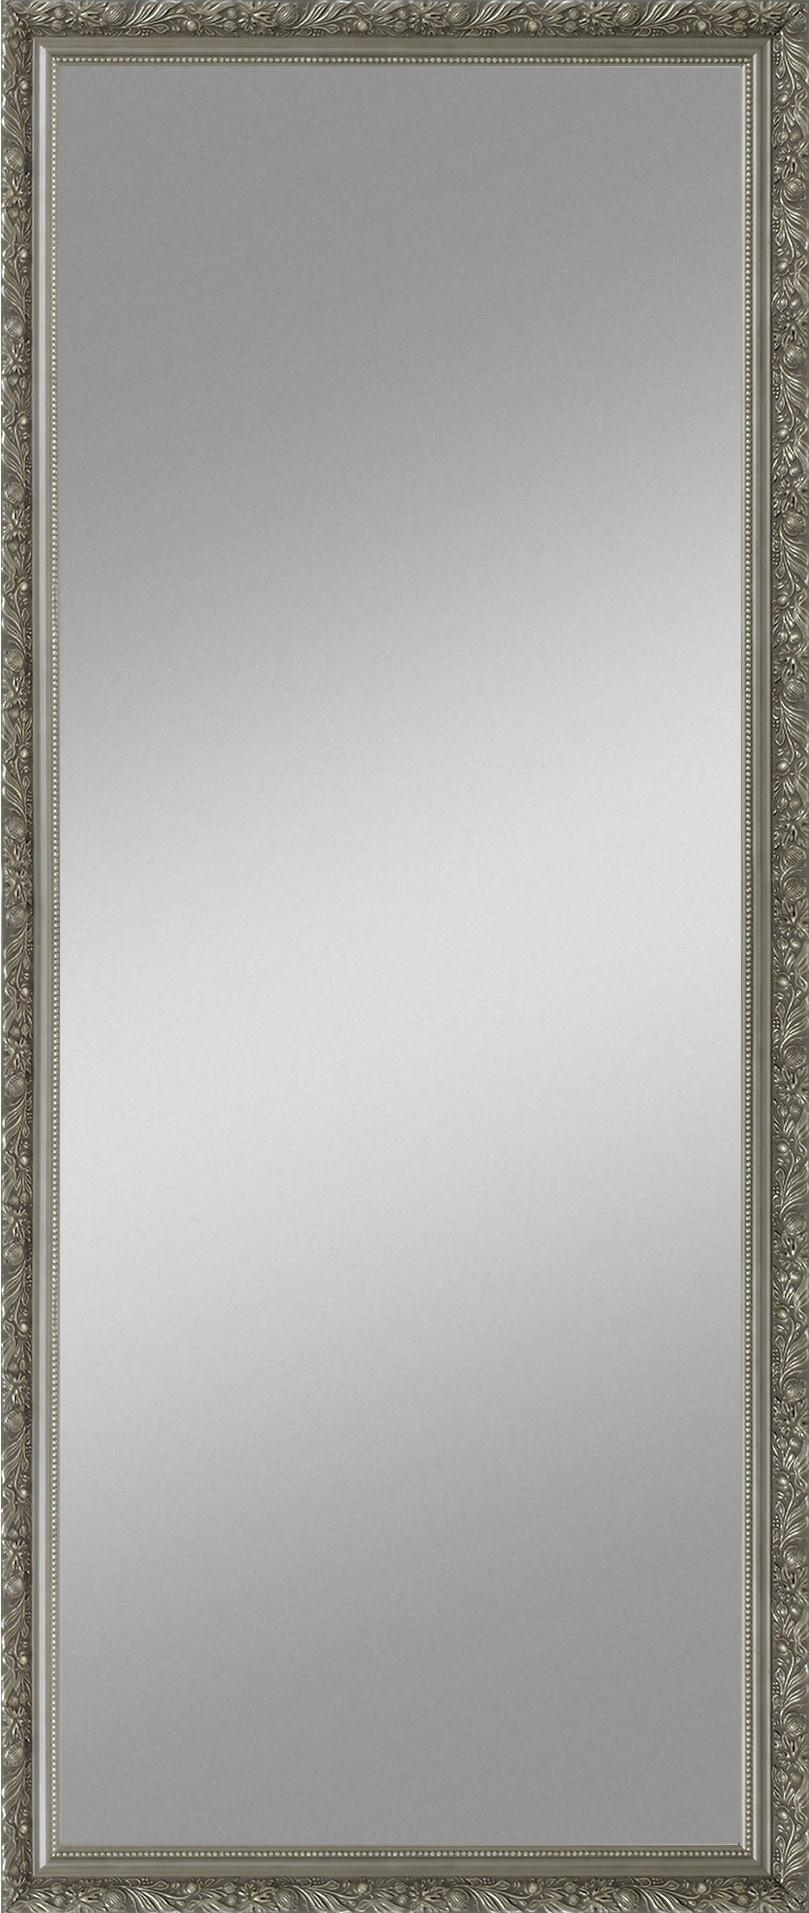 Zalena Rahmenspiegel Alica mit floraler Stuktur